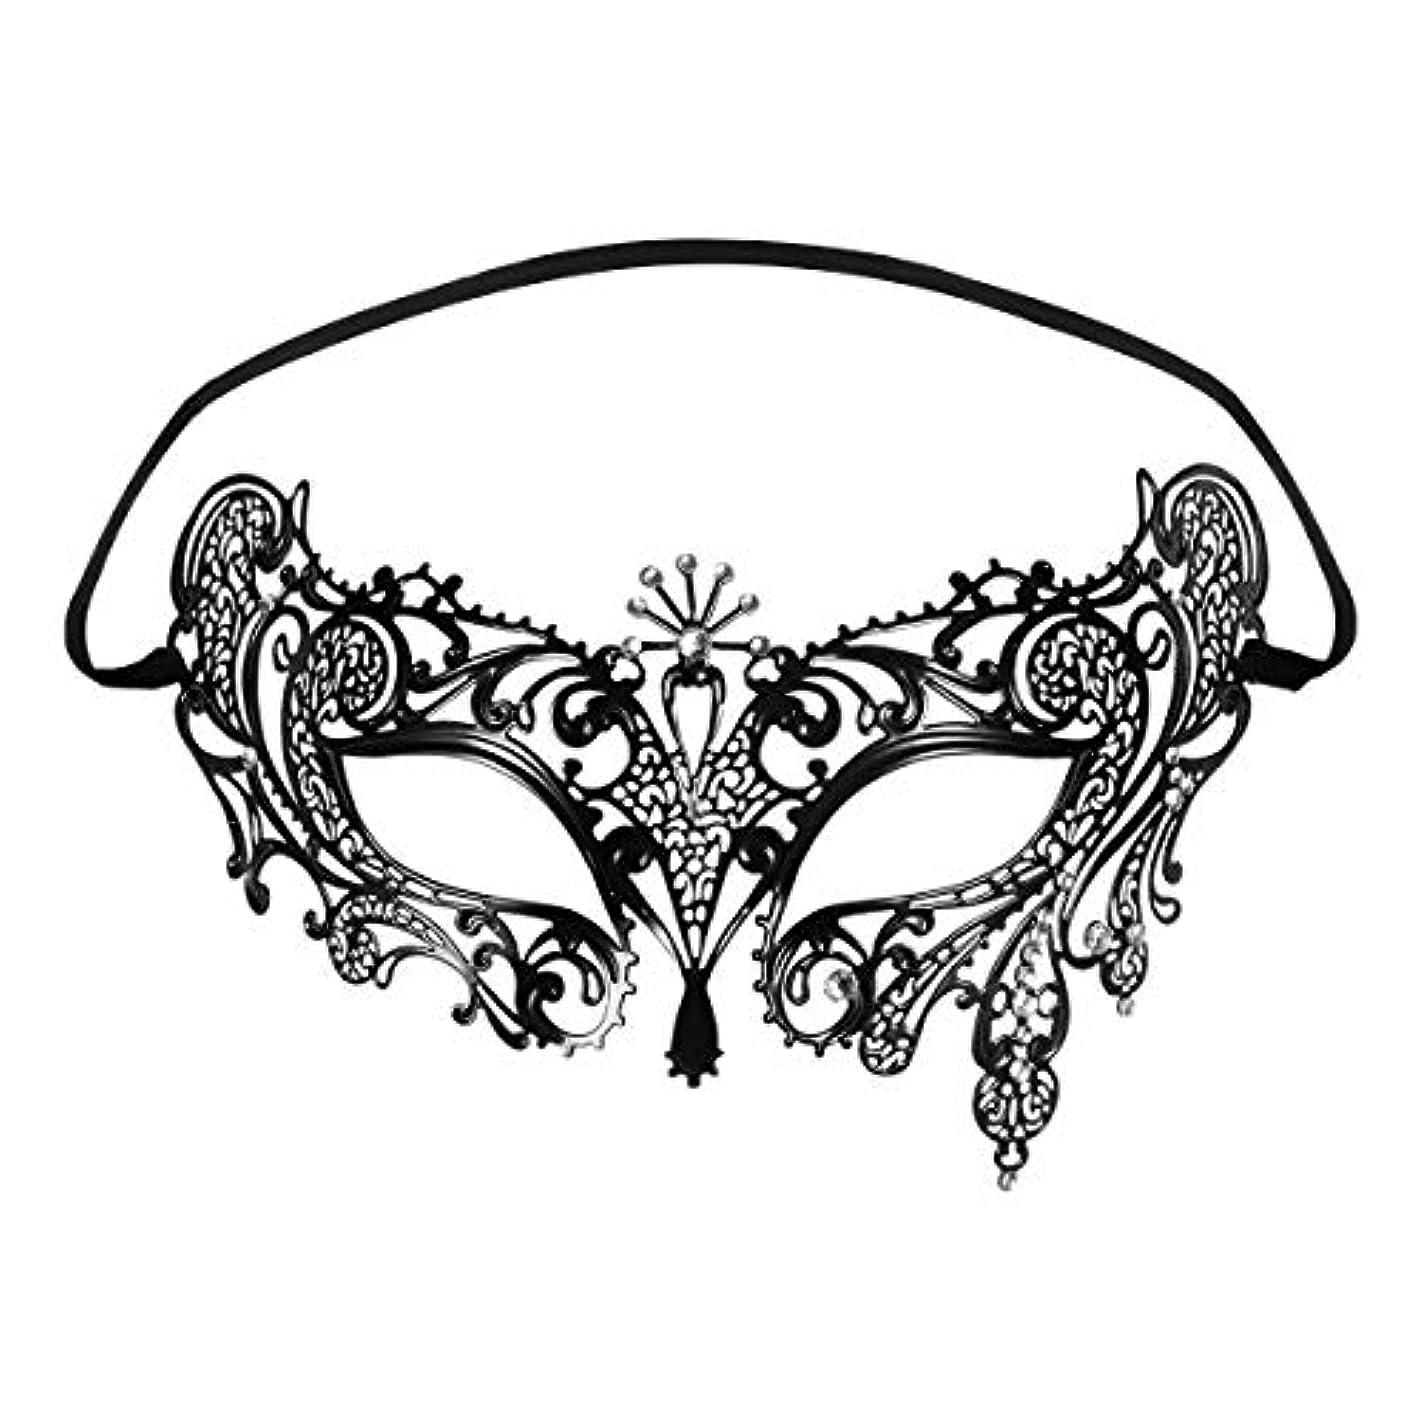 変更可能プレゼンカバレッジFoxnovo Foxnovoファッション高級ベネチアンスタイルディアマンテメタルフィリグリー仮装用マスク結婚式/パーティー用(ブラック)